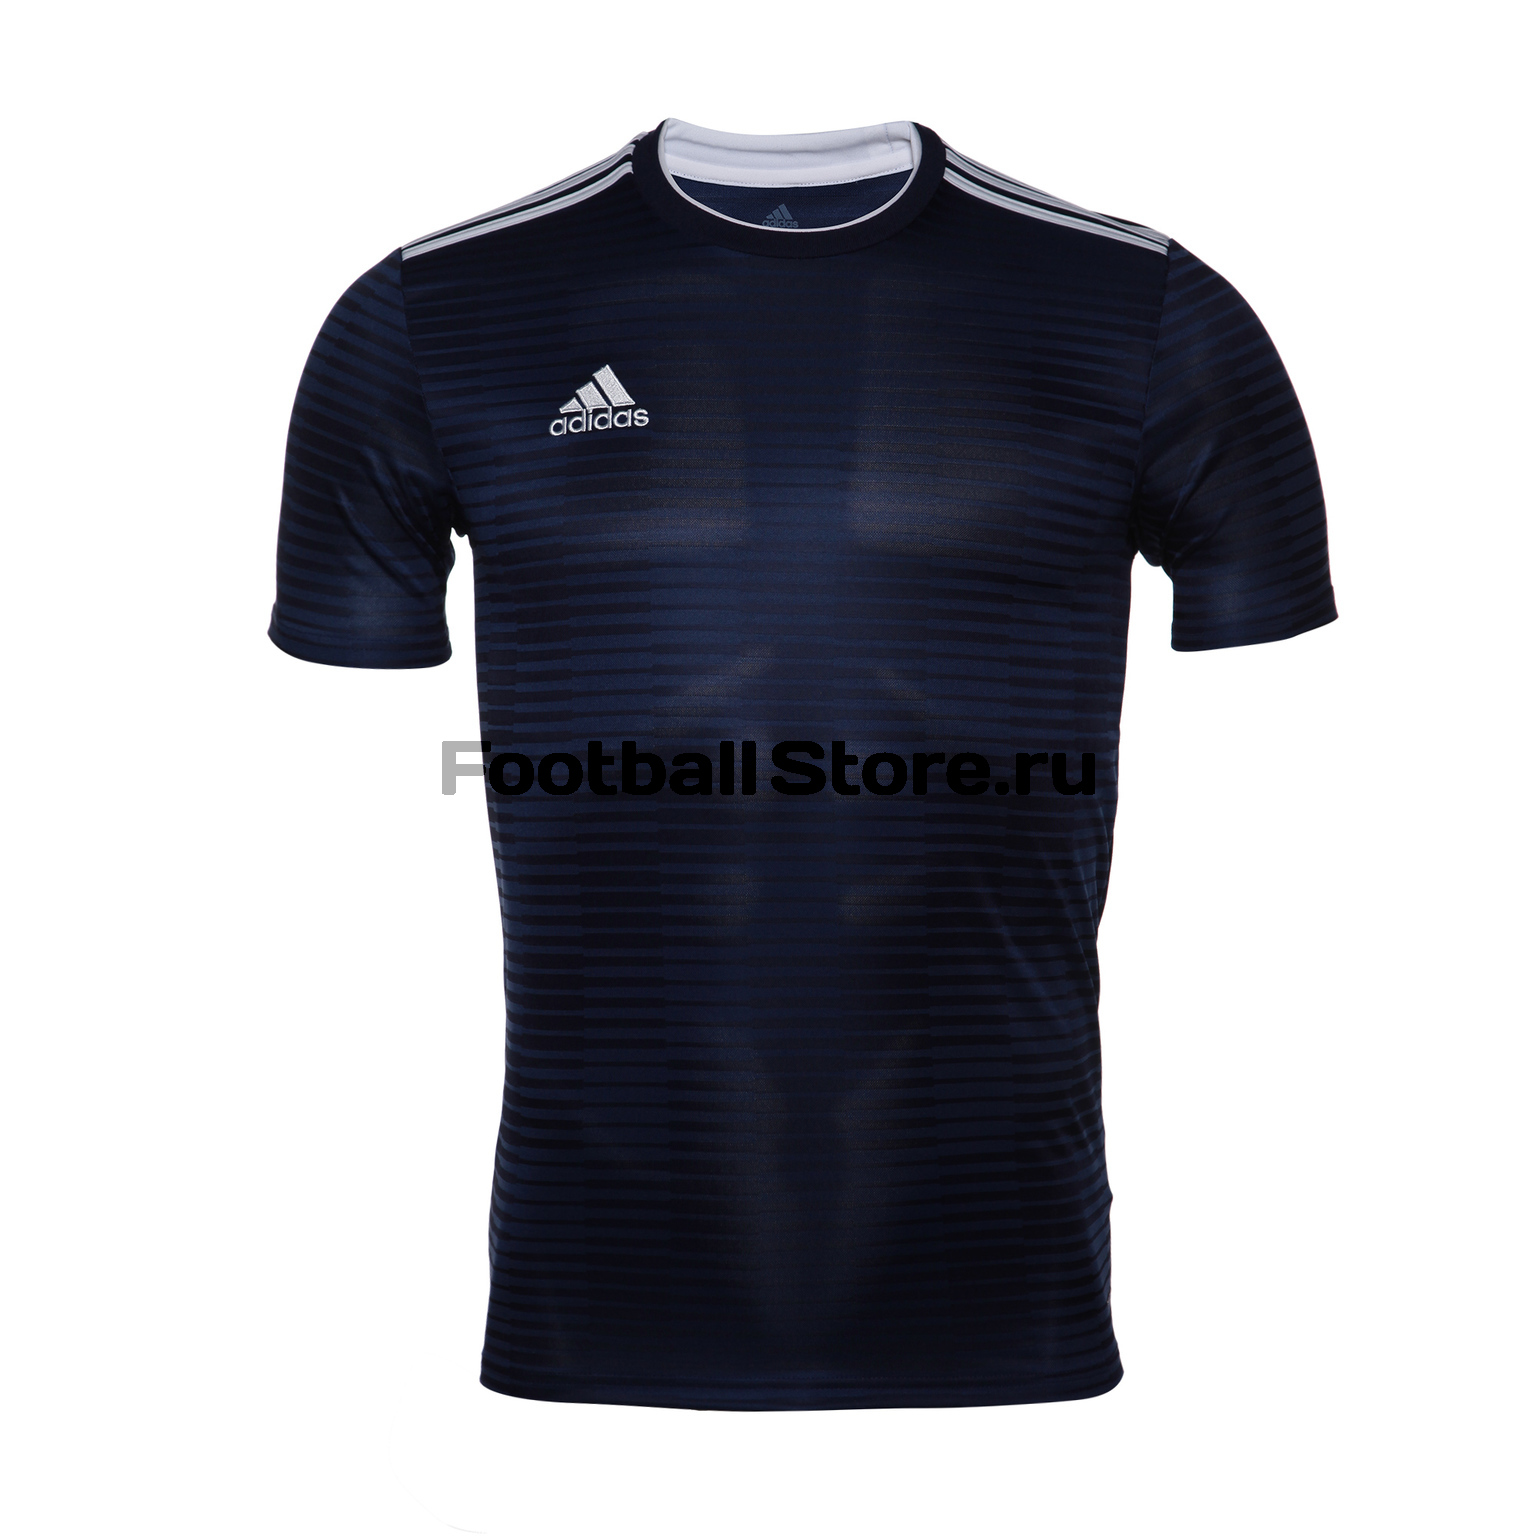 Футболка игровая Adidas Con18 JSY CF0678